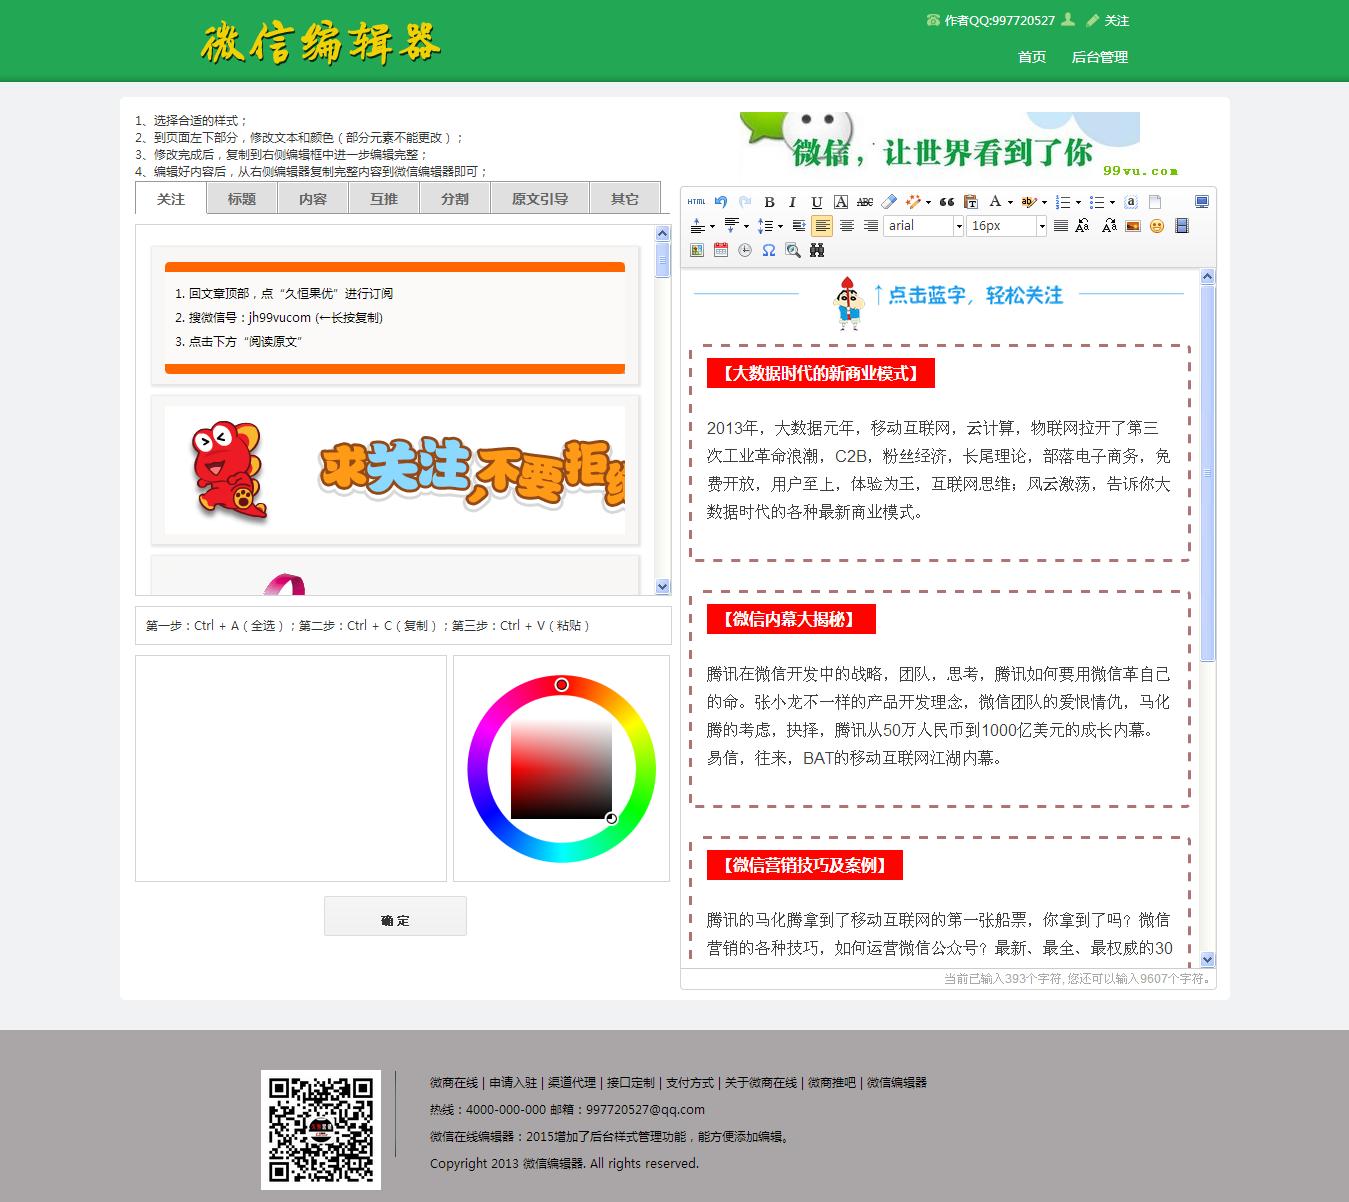 2015微信编辑器源码 微信公众平台图文编辑器源码 微信图文工具 微信 第1张